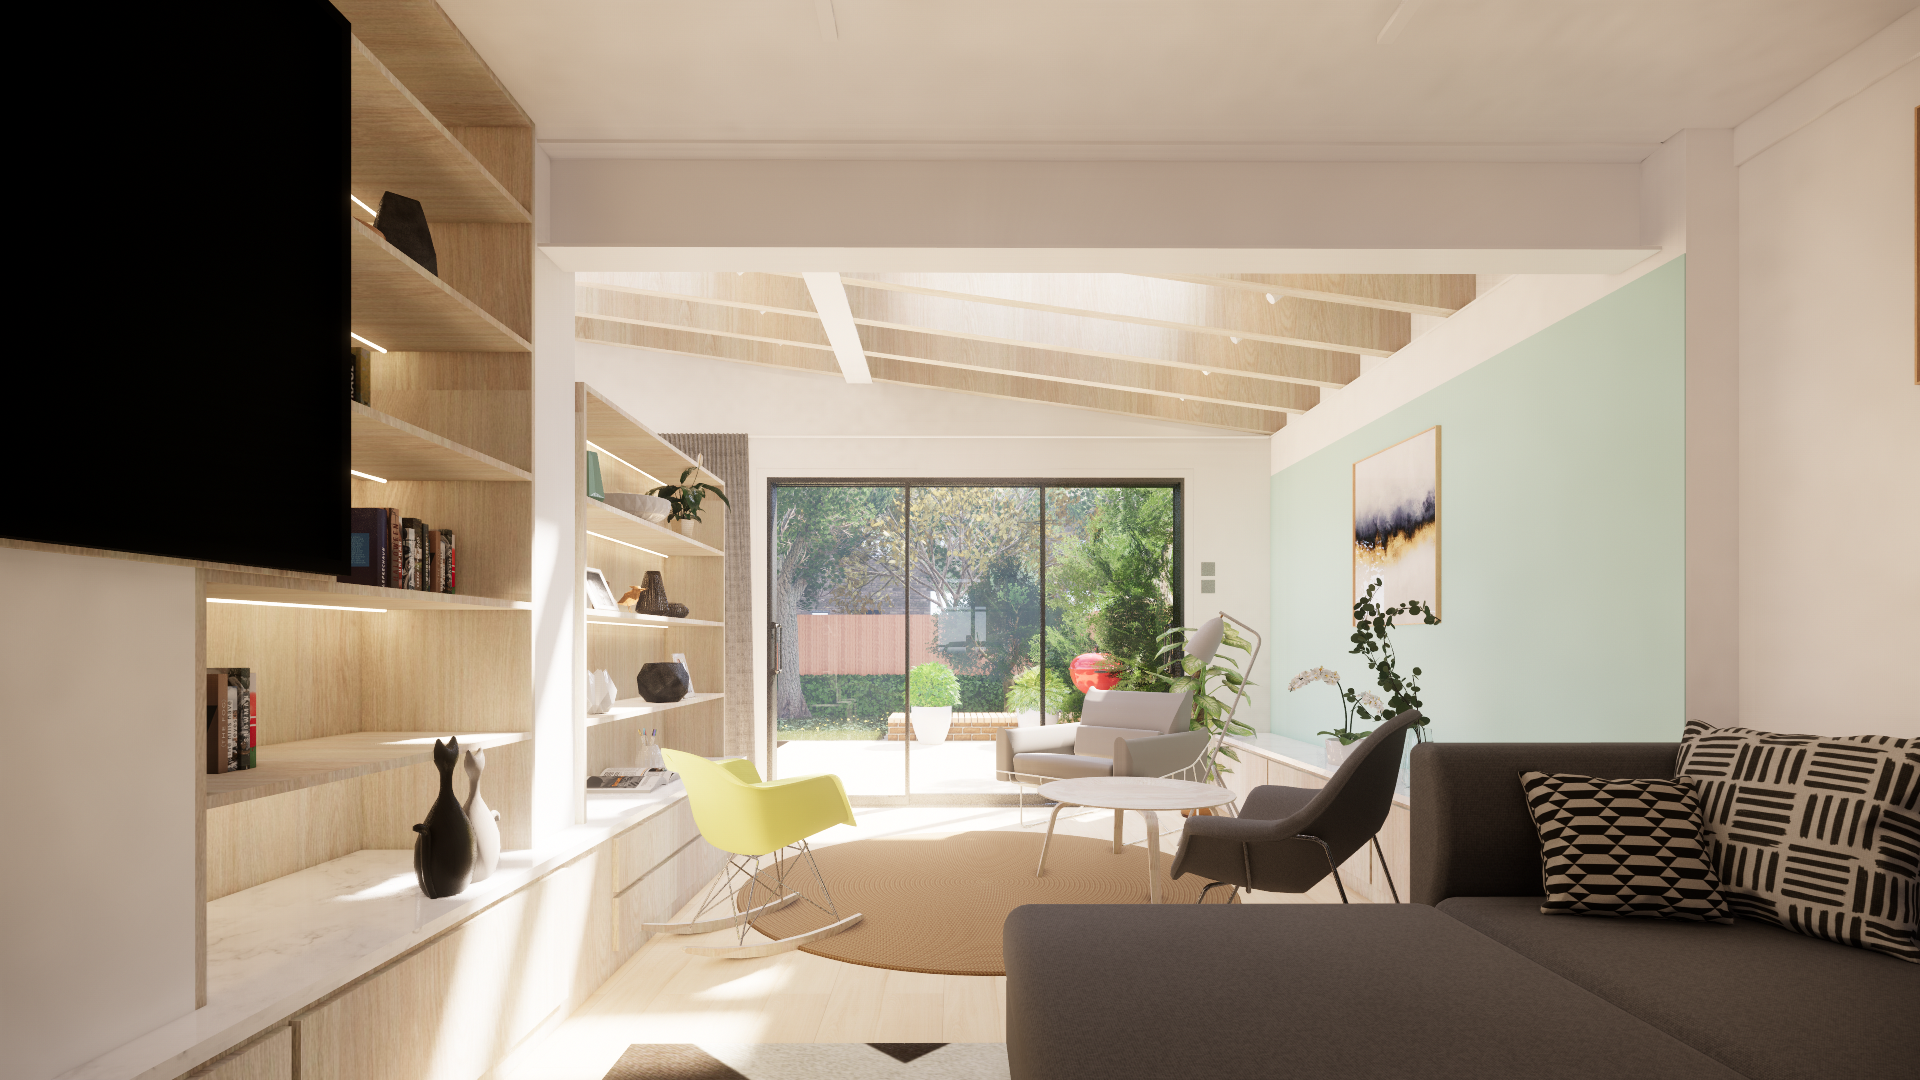 Living Room Rear Extension